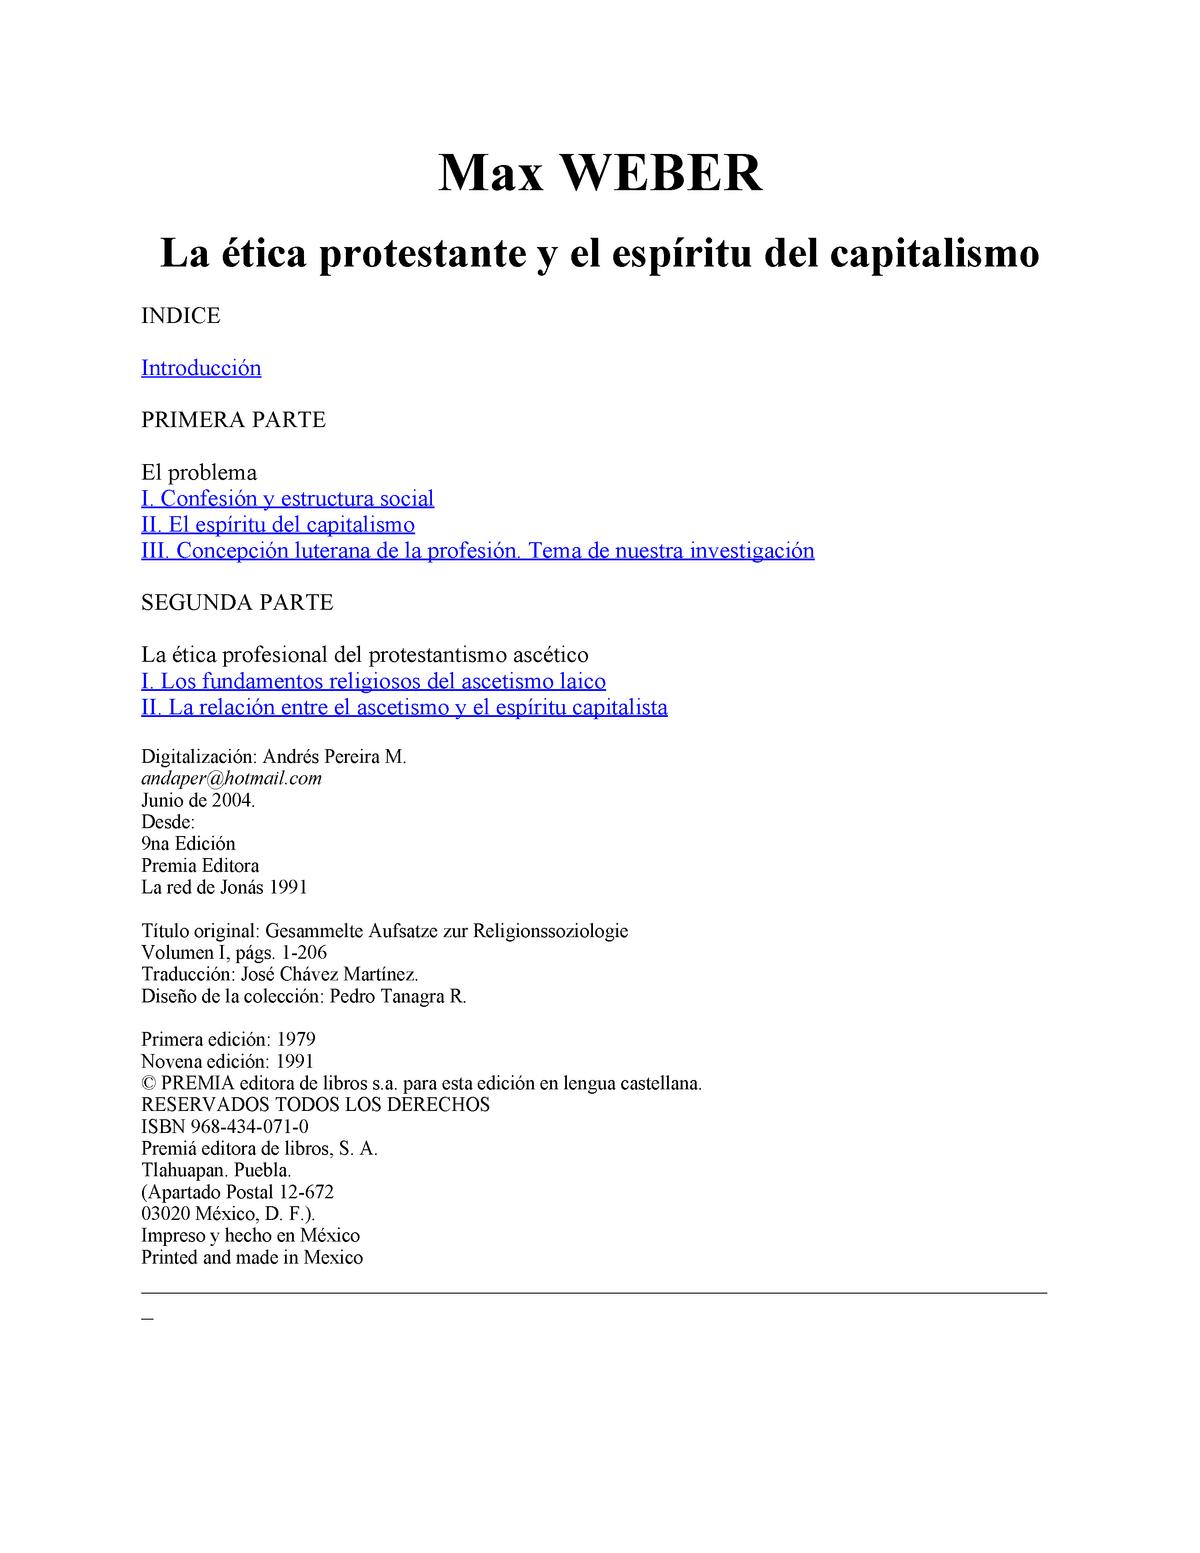 Weber Max La Etica Protestante Y El Espiritu Del Capitalismo